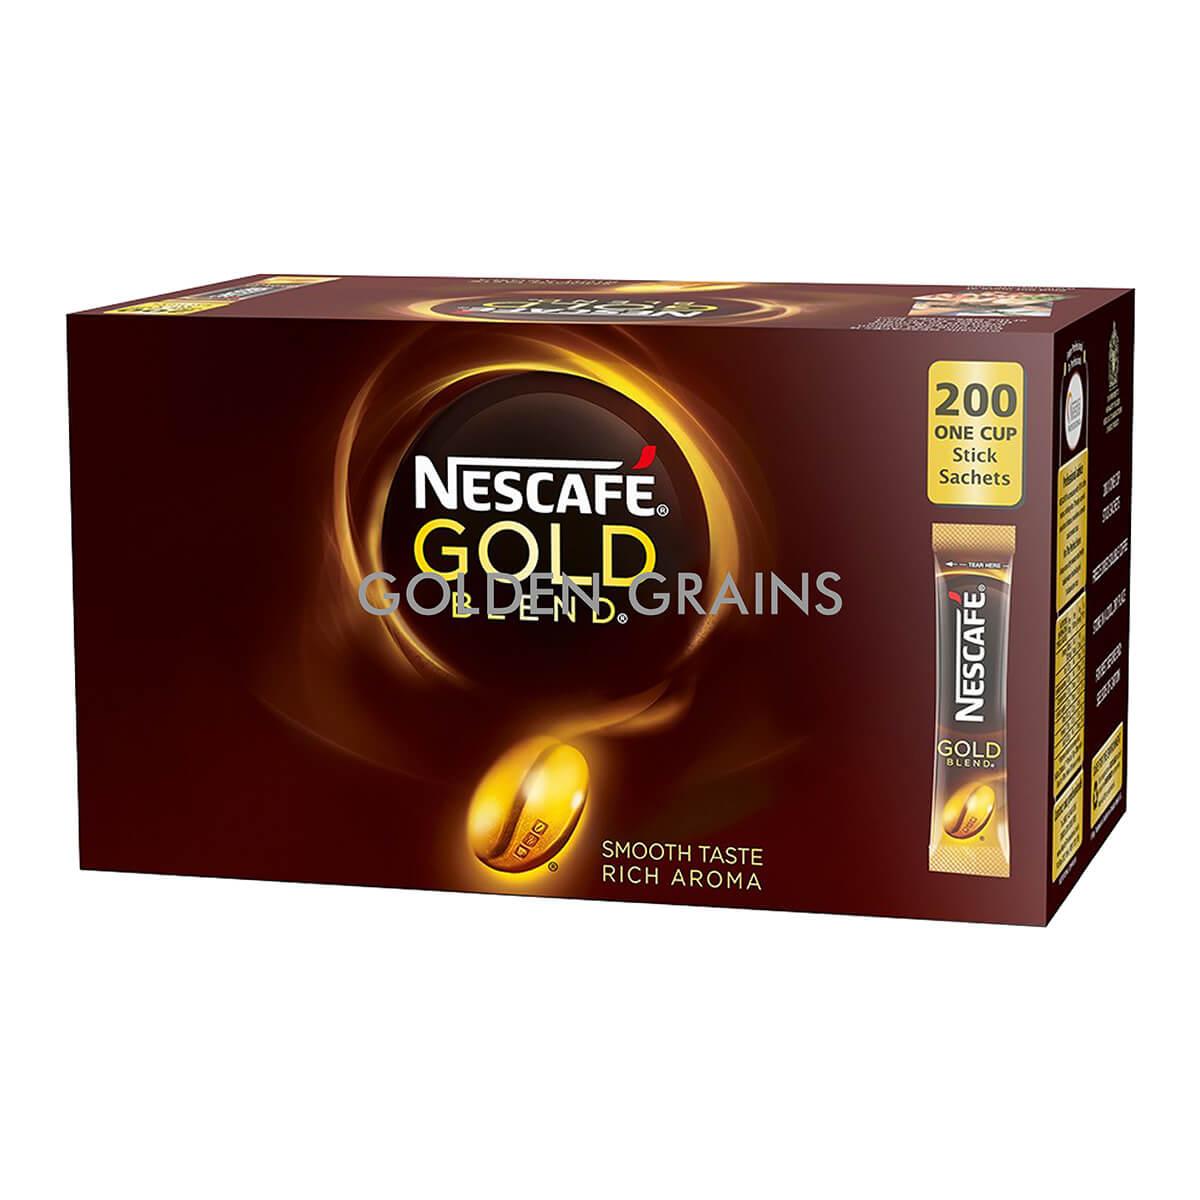 Golden Grains Nescafe - Gold Blend Stick - Front.jpg